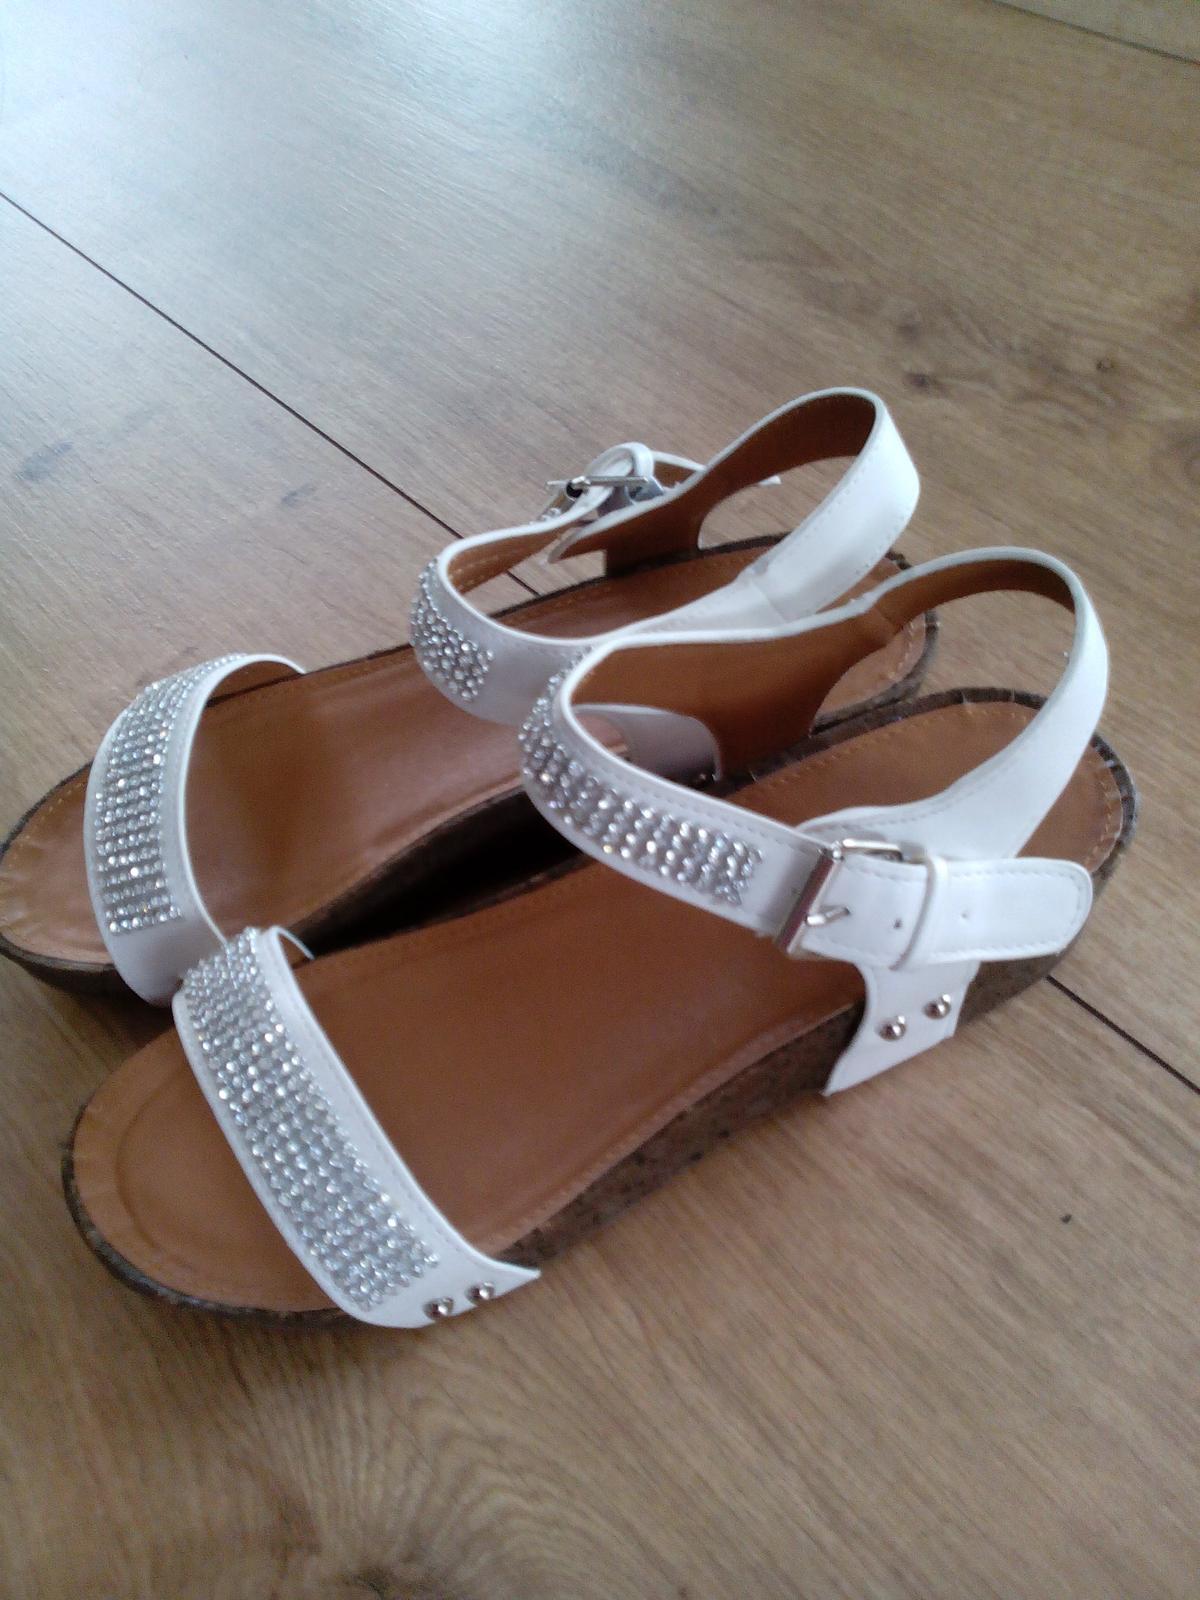 štrasové sandálky - Obrázok č. 1